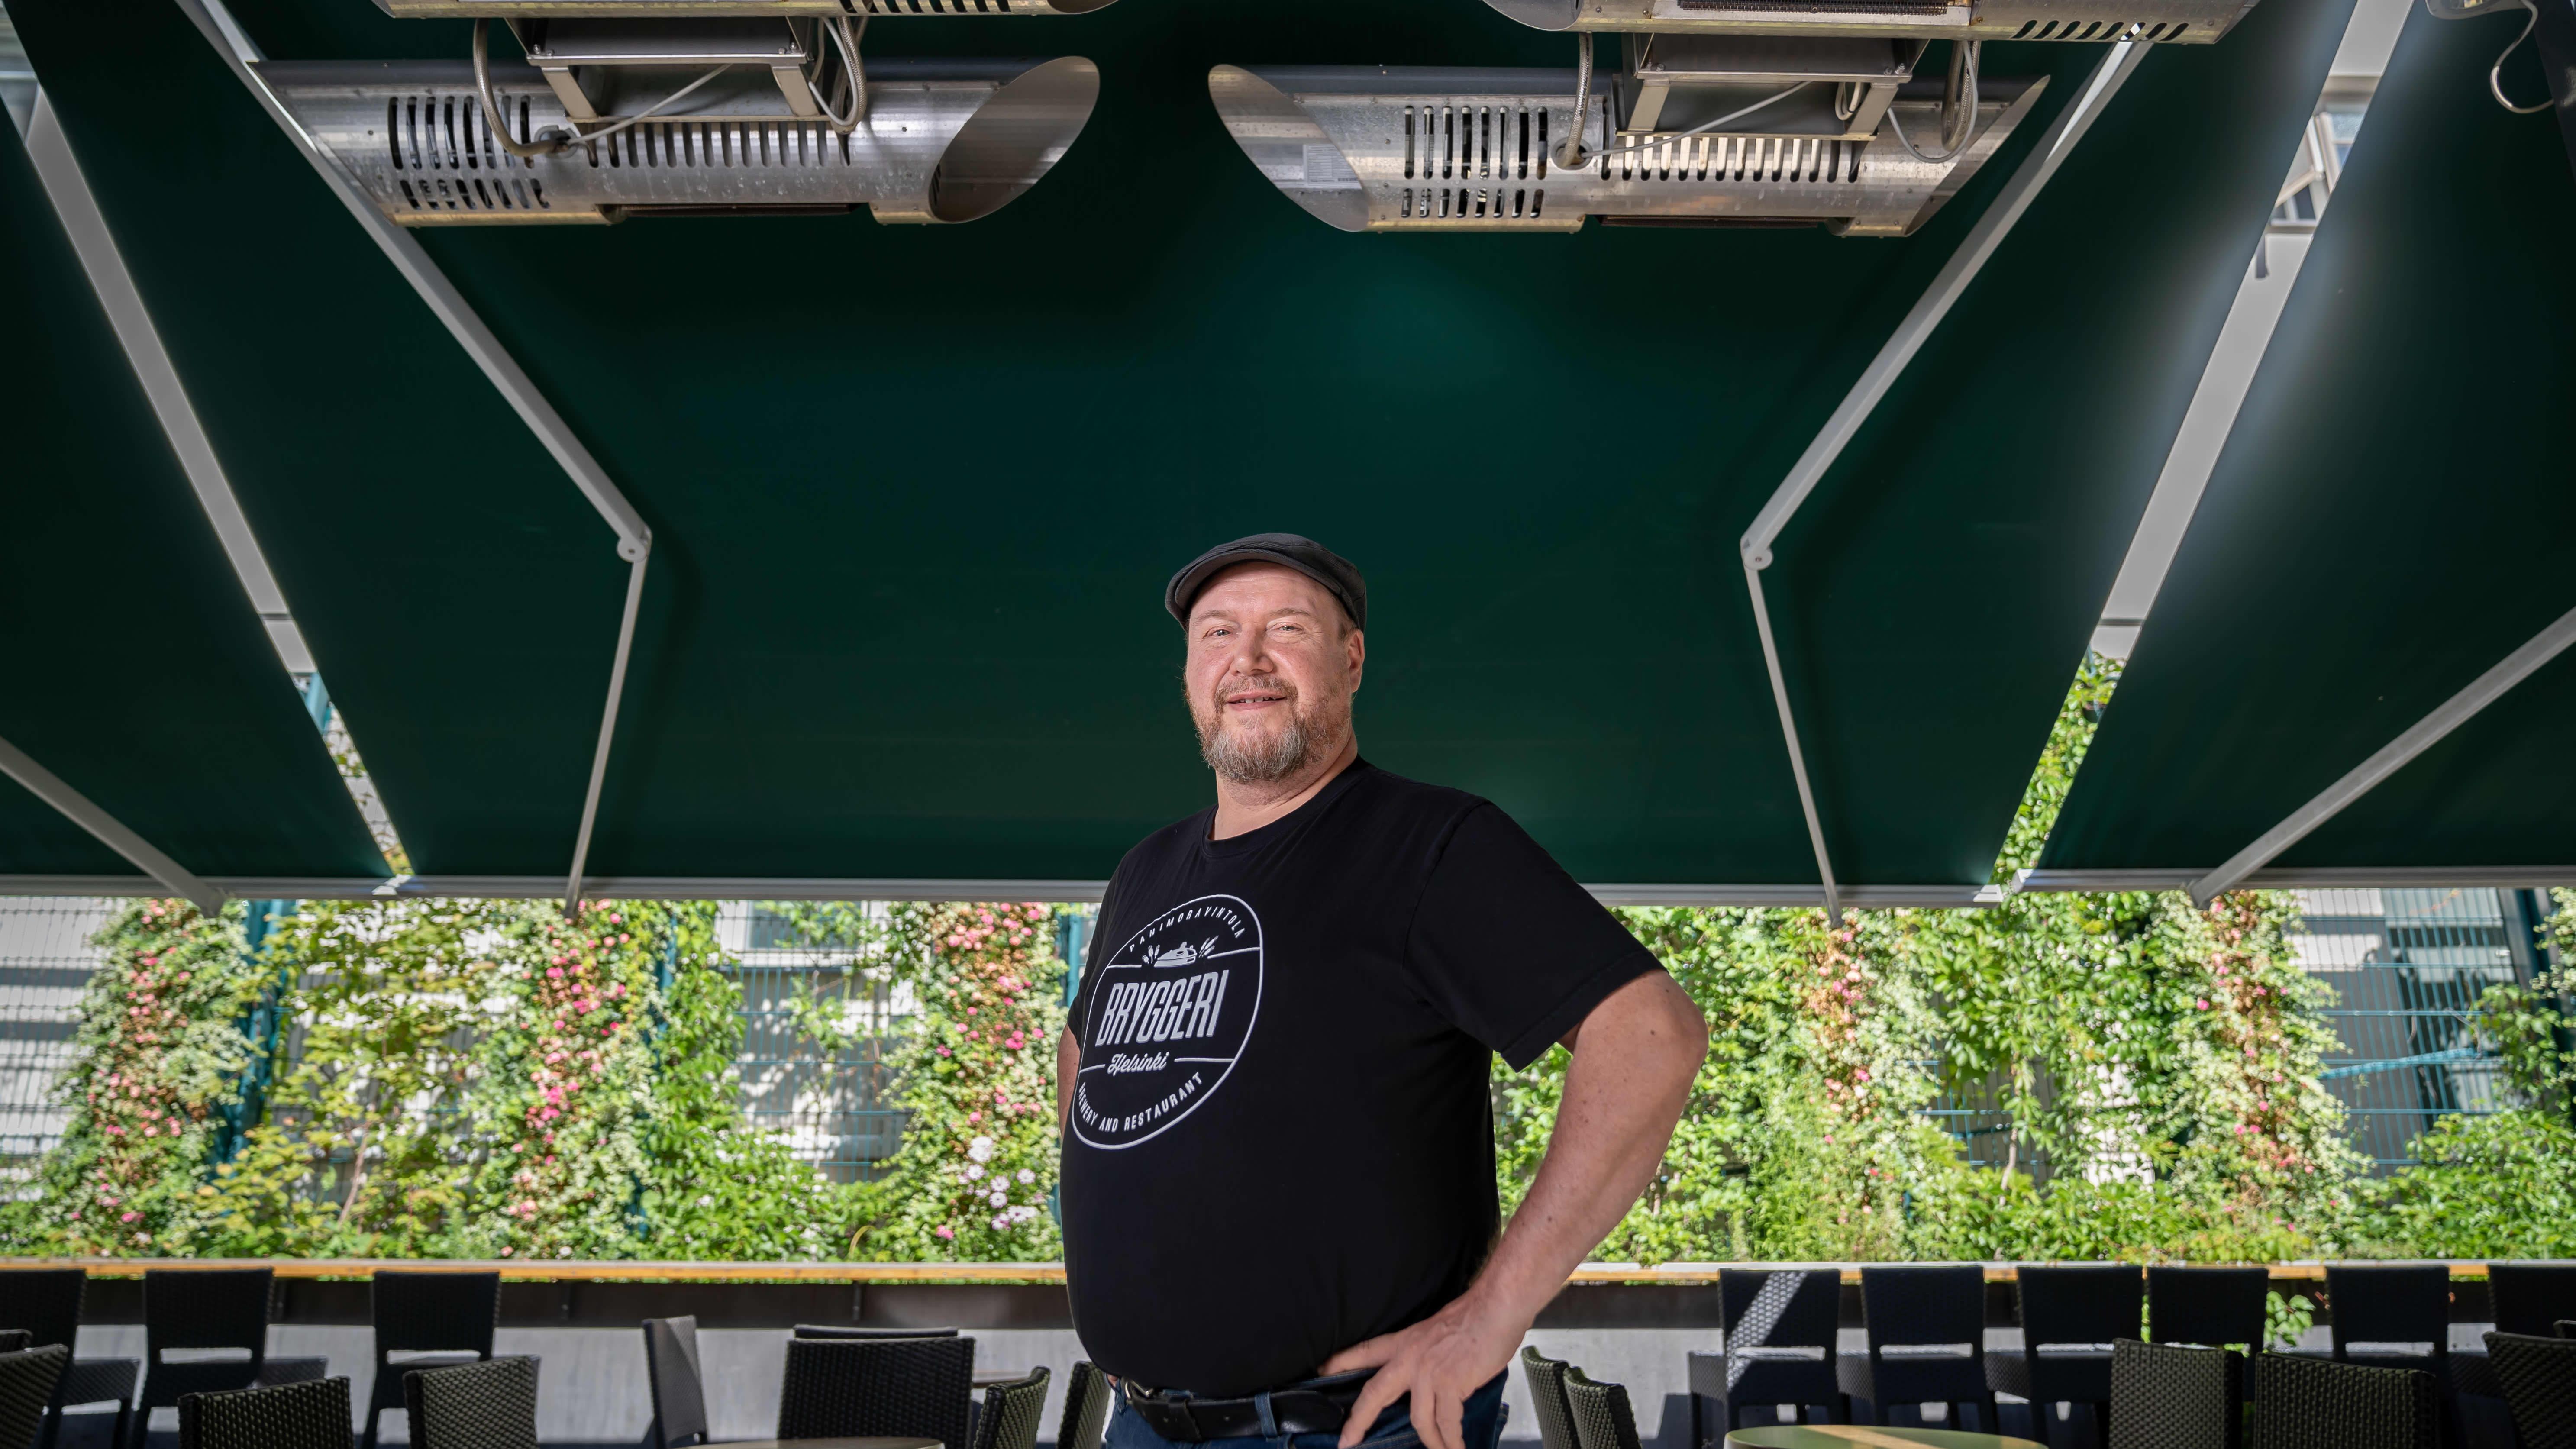 Panimoravintola Bryggeri Helsingin toimitusjohtaja Olli Majanen terassilämmittimien alla, Helsinki, 10.8.2020.